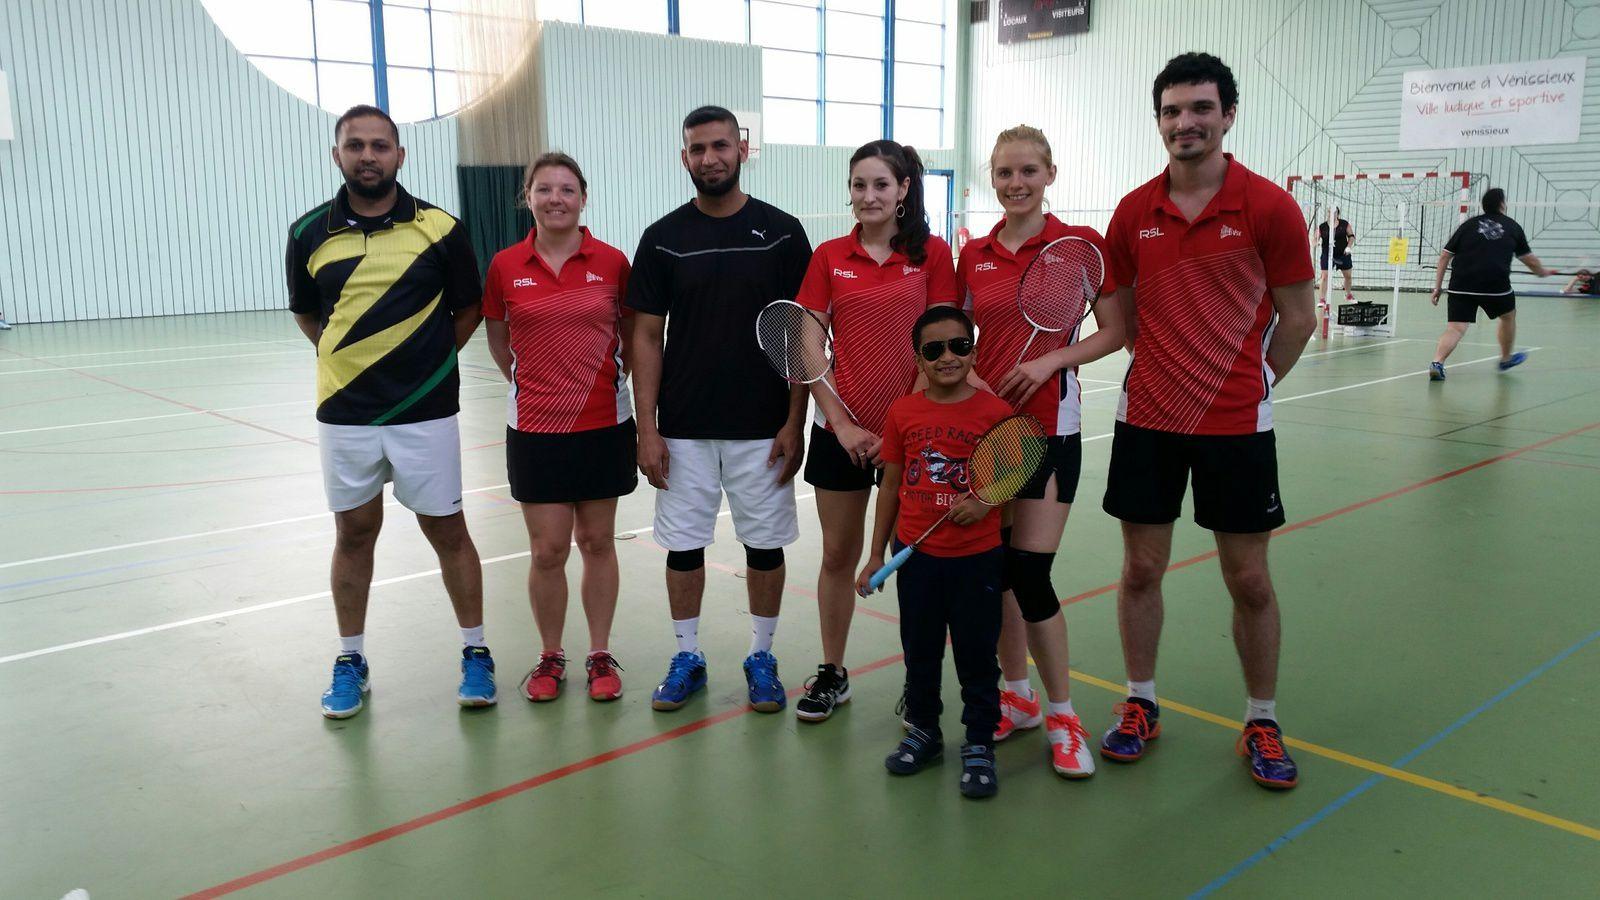 L'équipe fanion  du Badminton Vénissieux Sud-Est - Photo: @BVSE